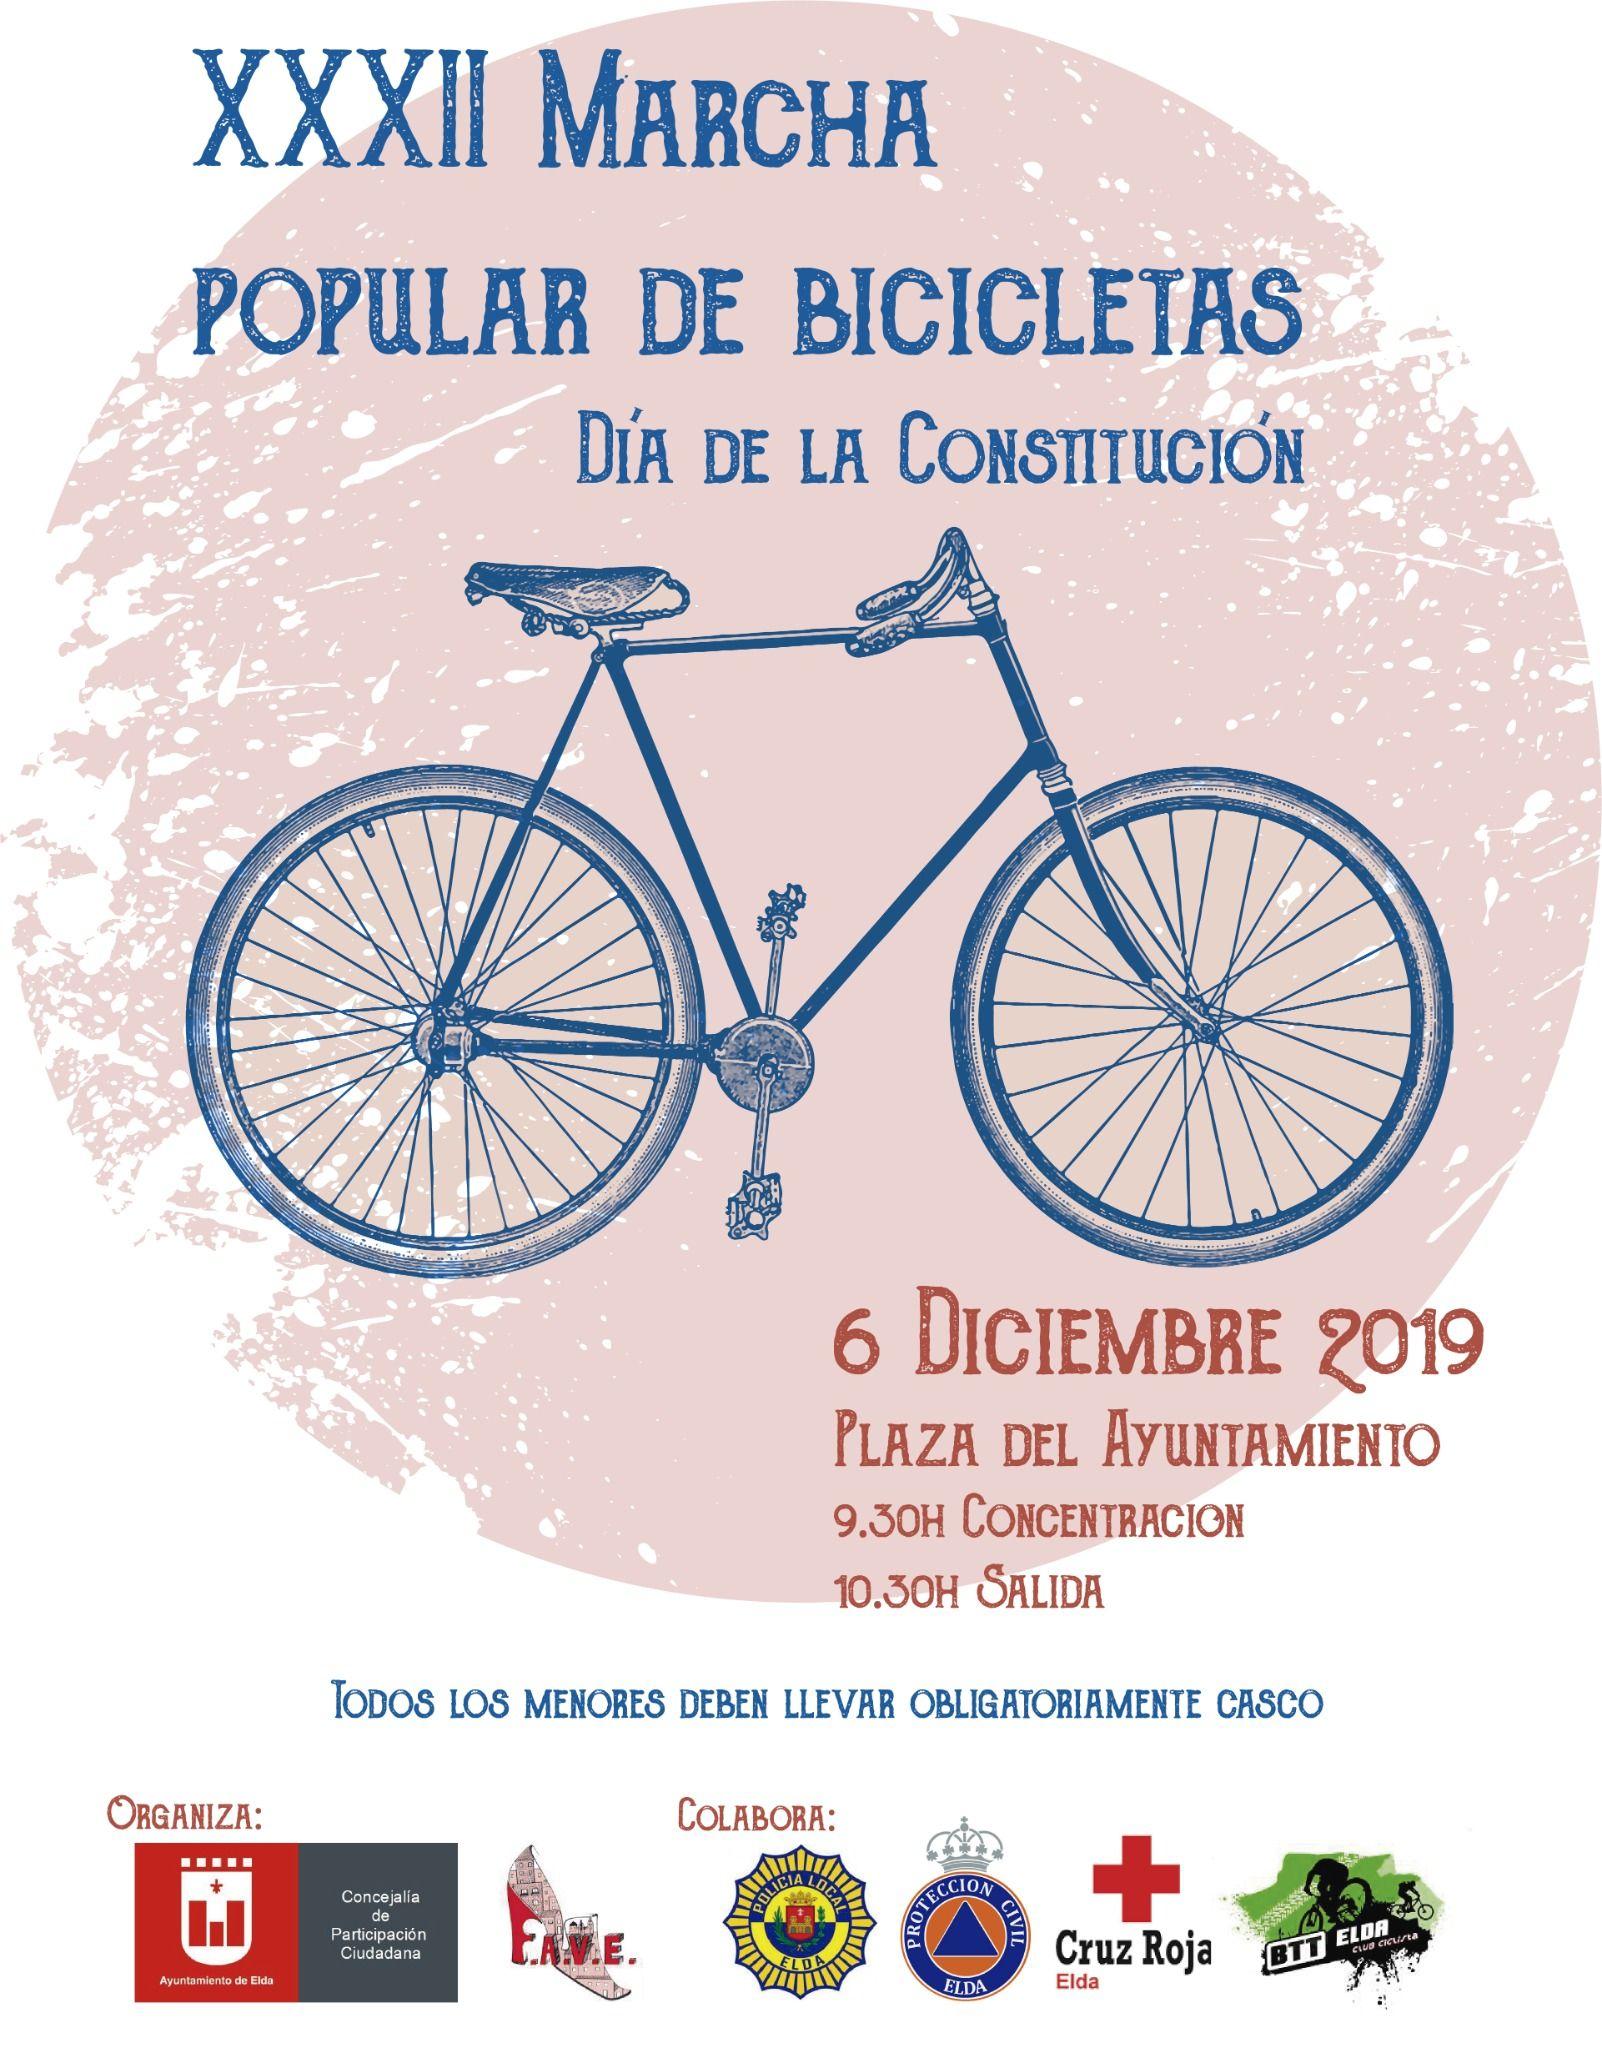 XXXII Marcha Popular de Bicicletas con motivo del Día de la Constitución